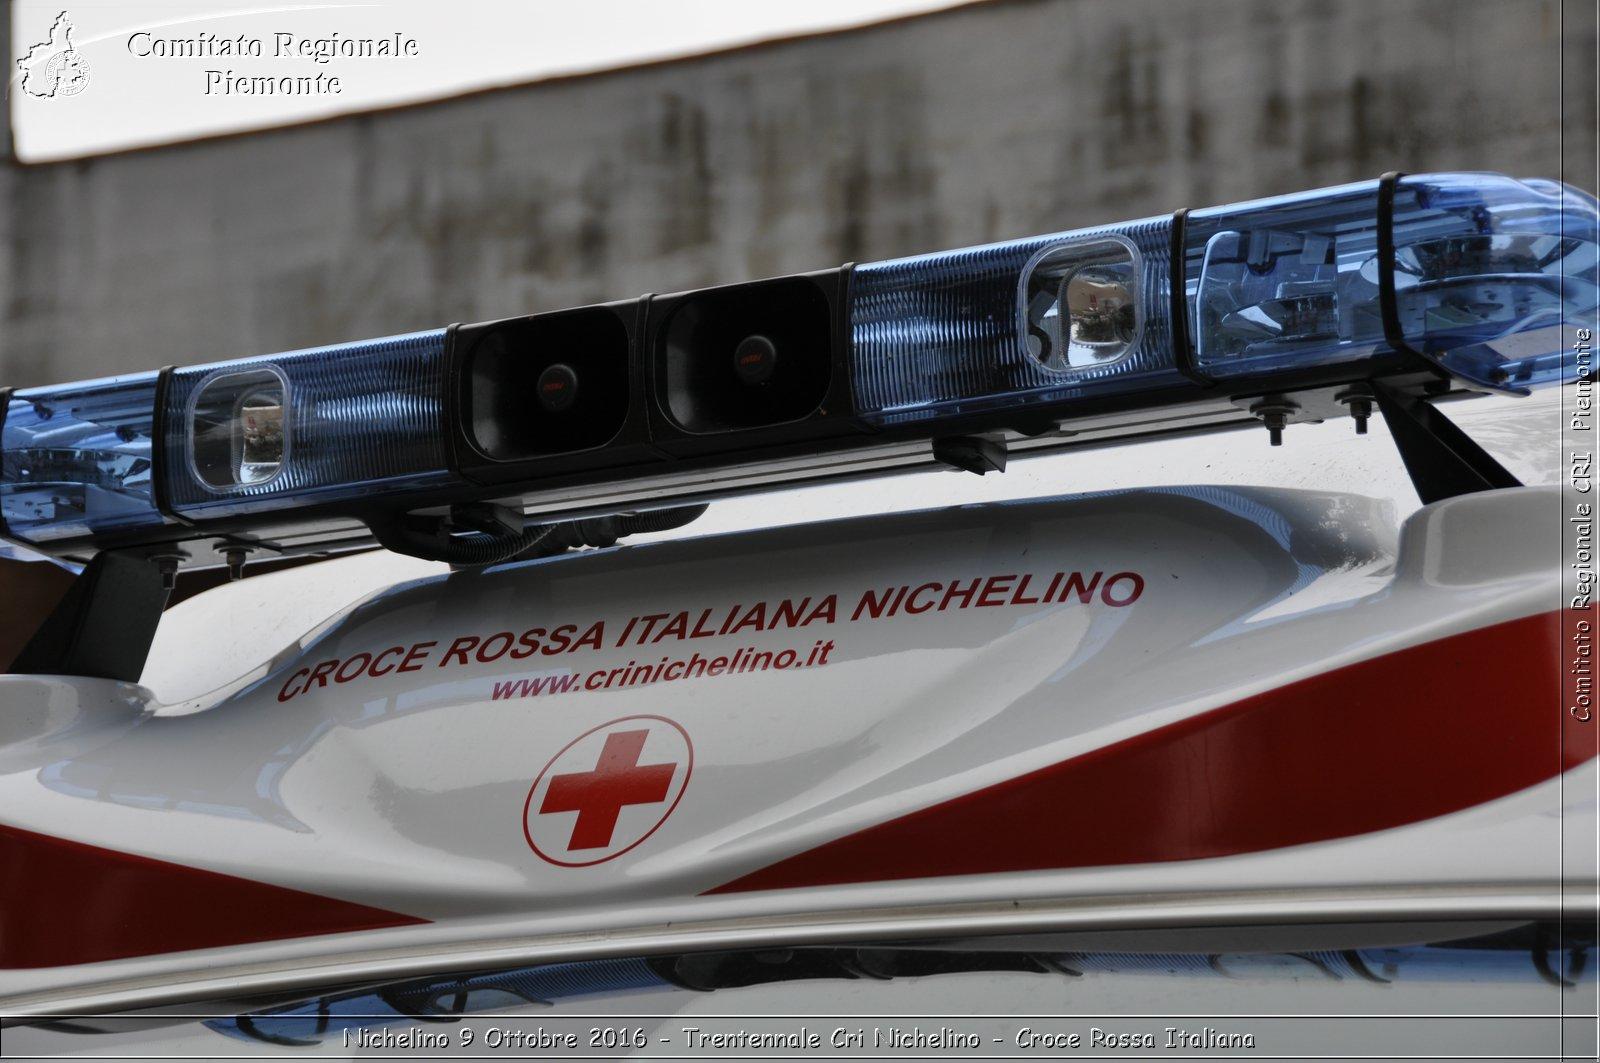 La Croce Rossa di Nichelino cerca volontari